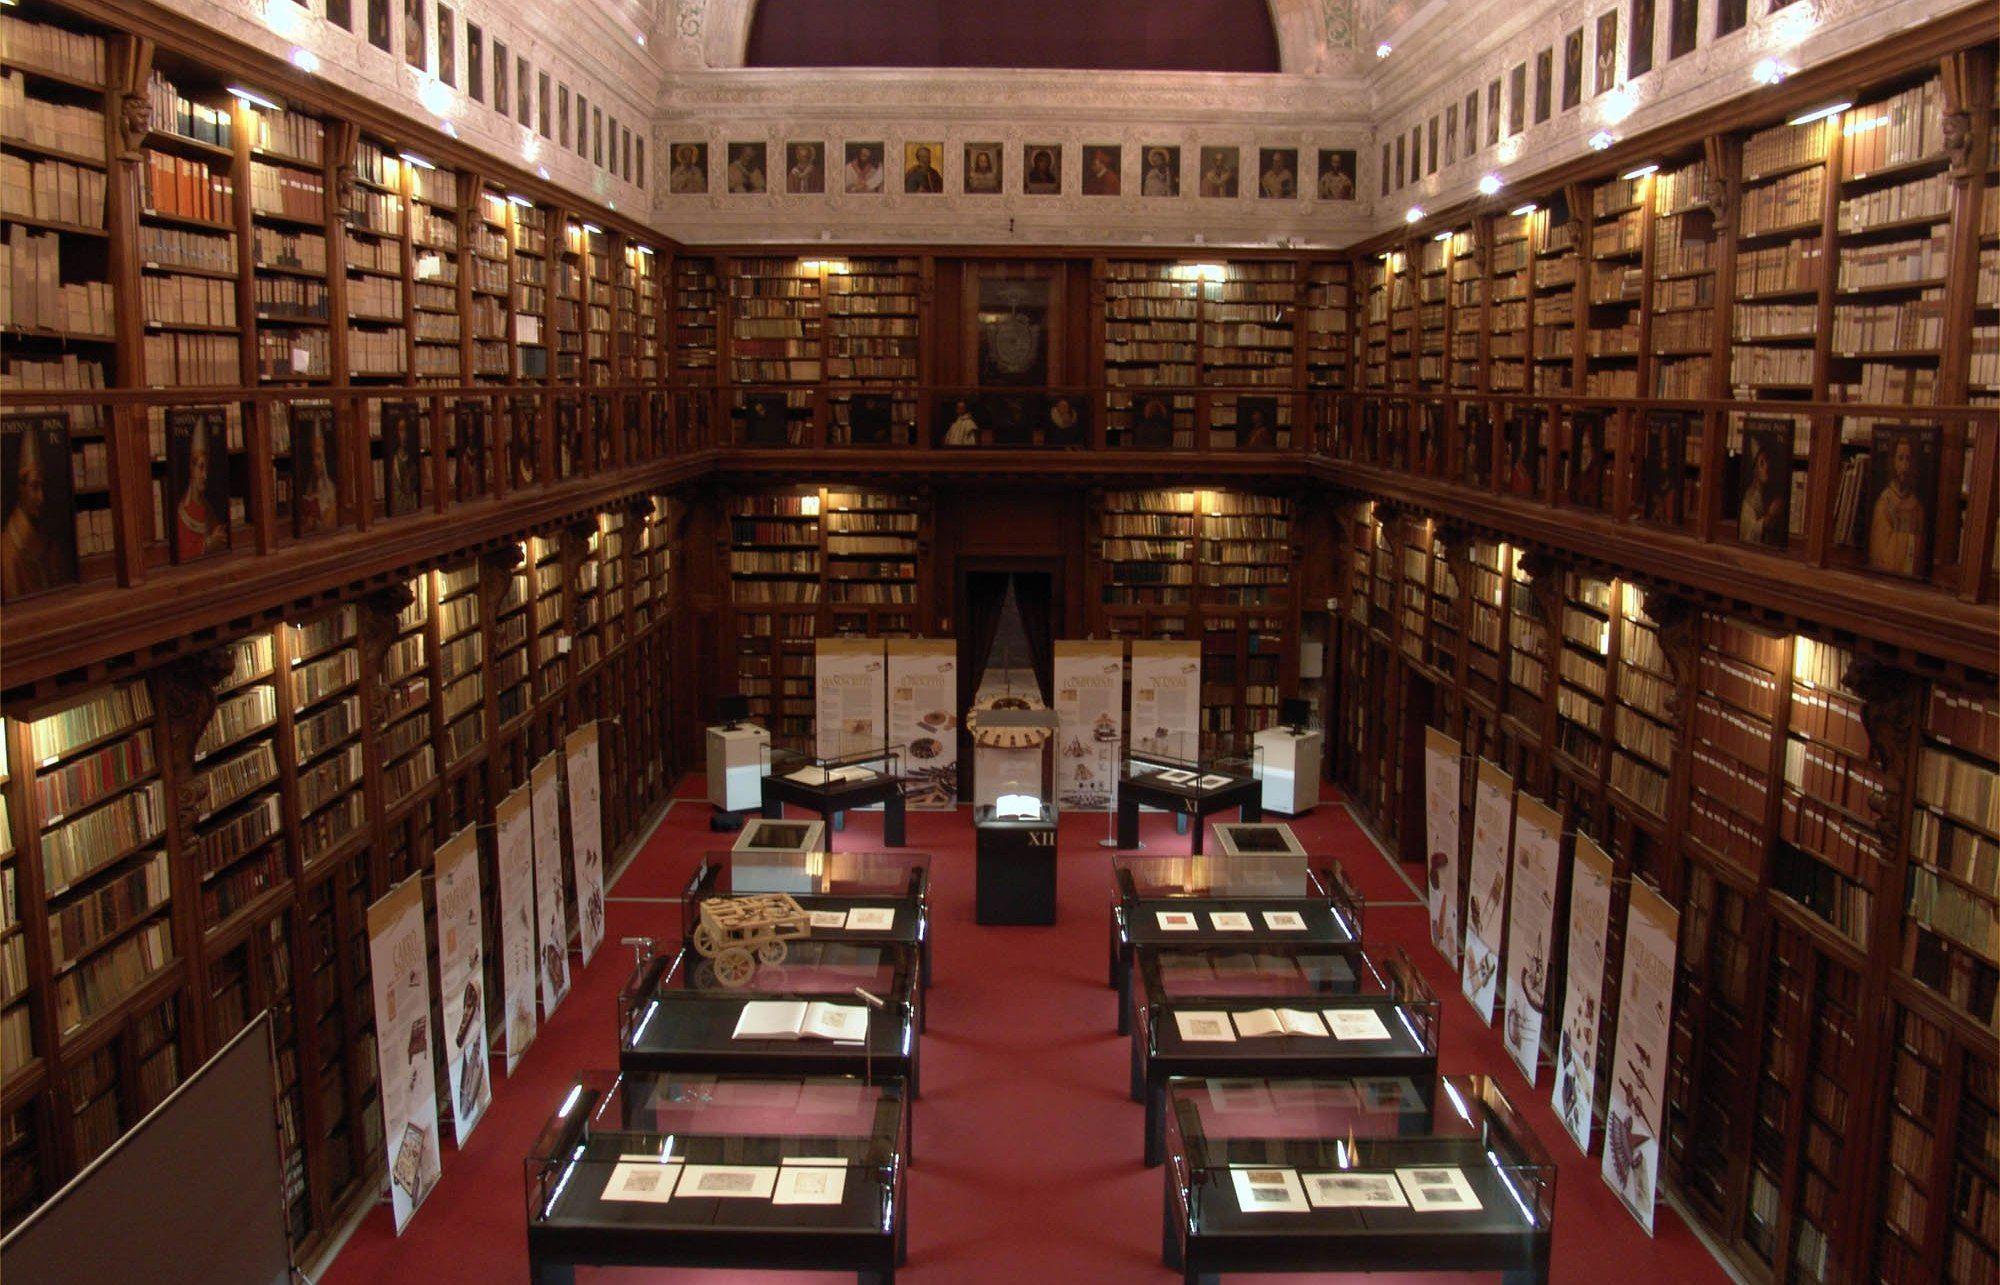 Imagini pentru Biblioteca ambroziană